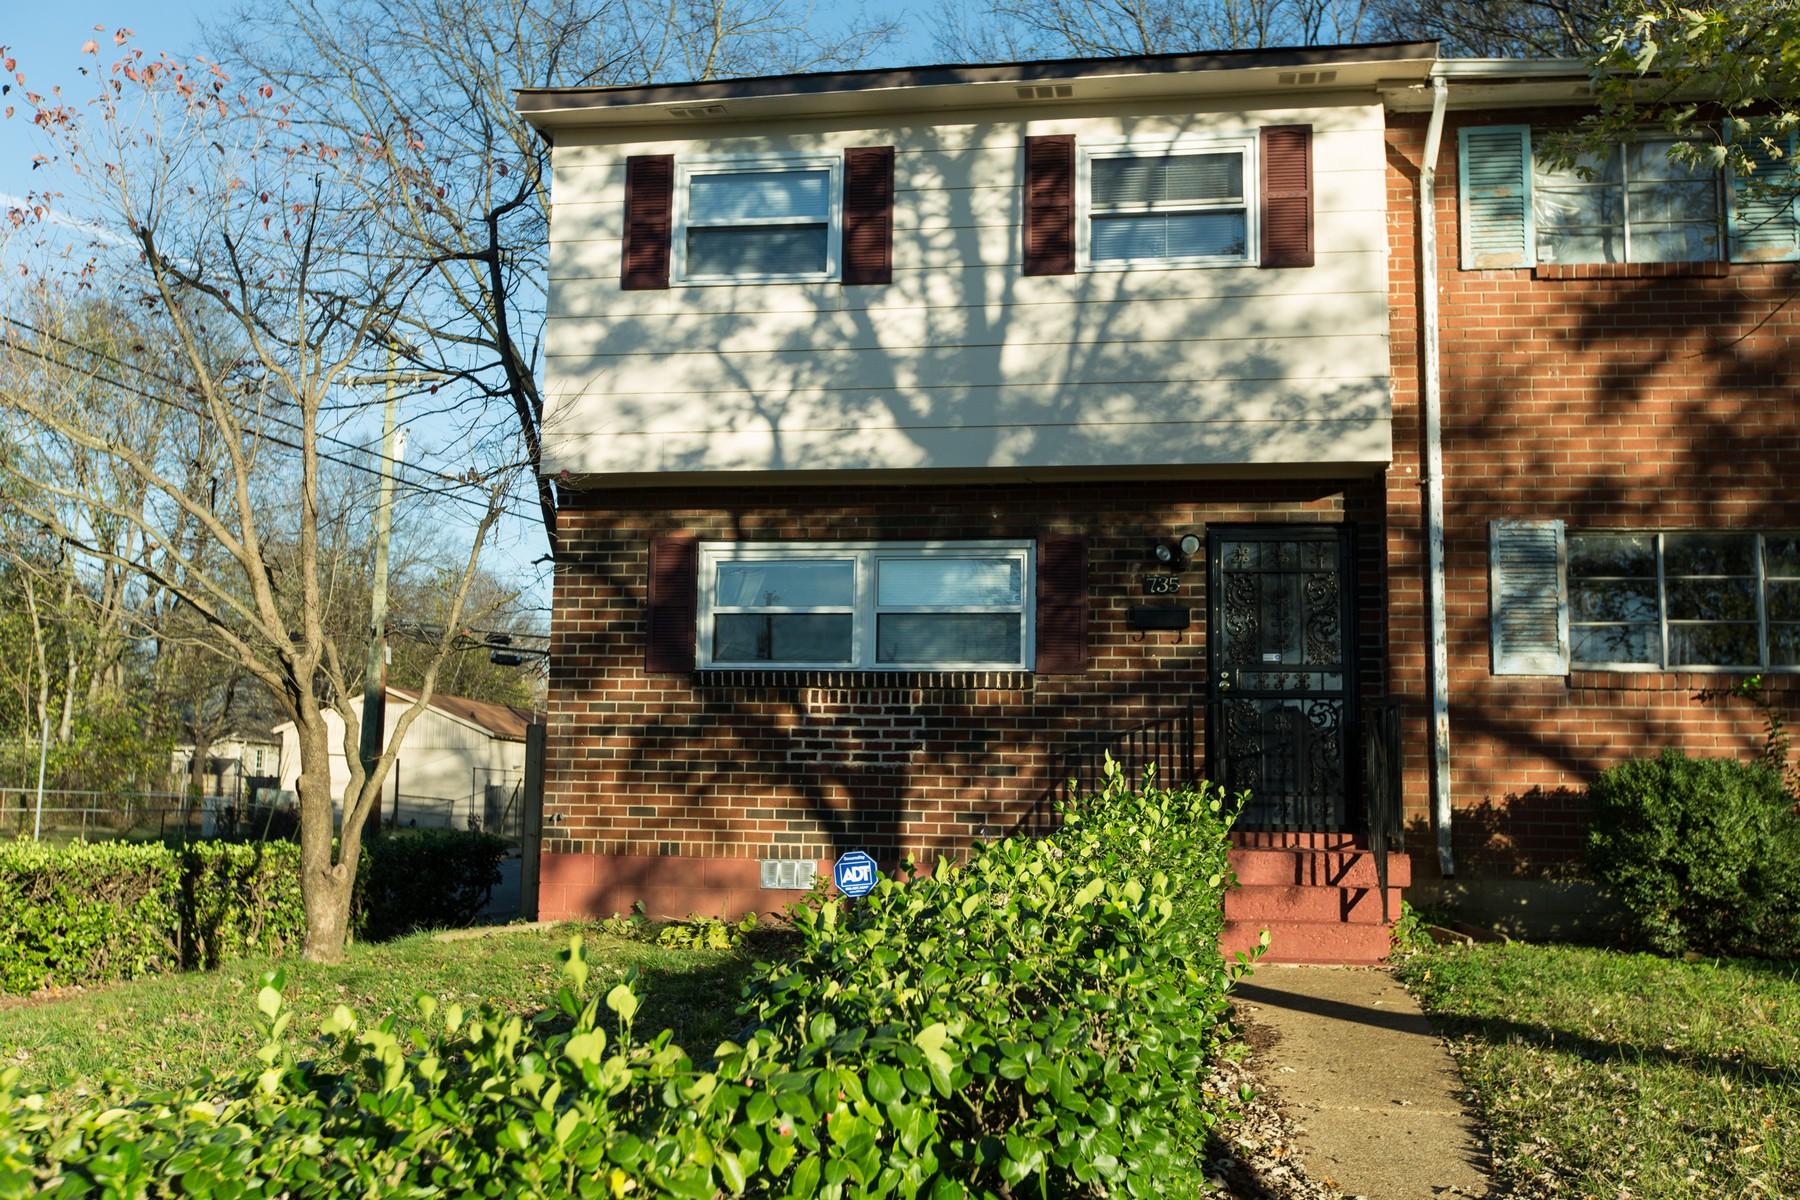 단독 가정 주택 용 매매 에 Great Opportunity in Nashville 735 Joseph Avenue Nashville, 테네시 37207 미국